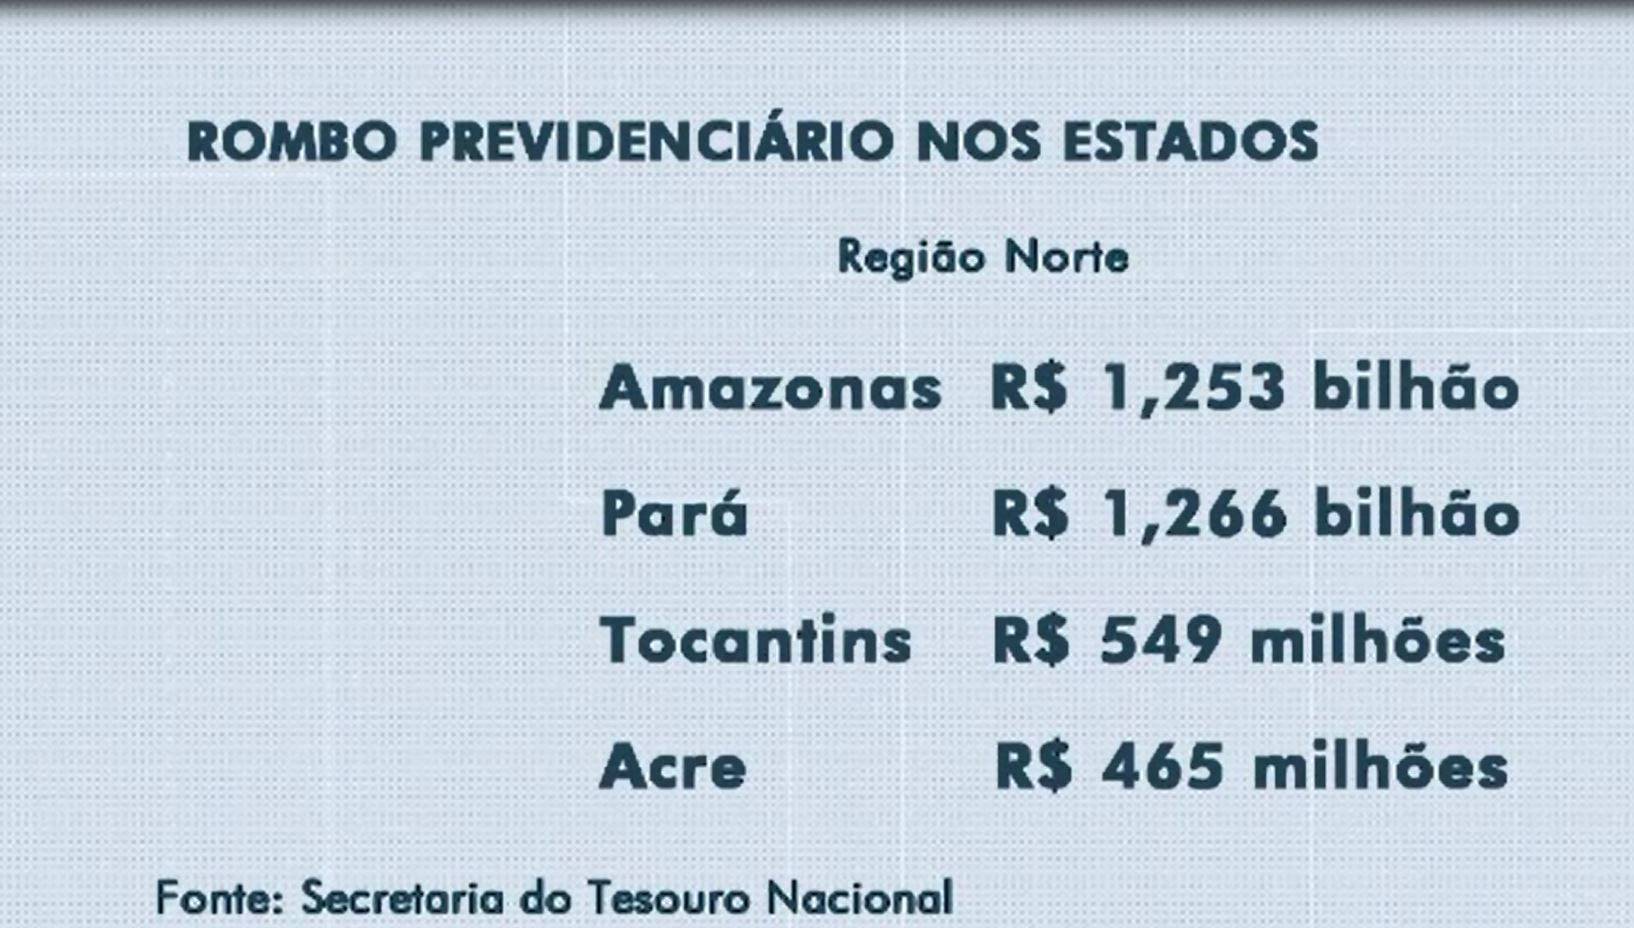 AC gastou quase meio bilhão de reais para cobrir rombo da previdência, diz levantamento  - Notícias - Plantão Diário